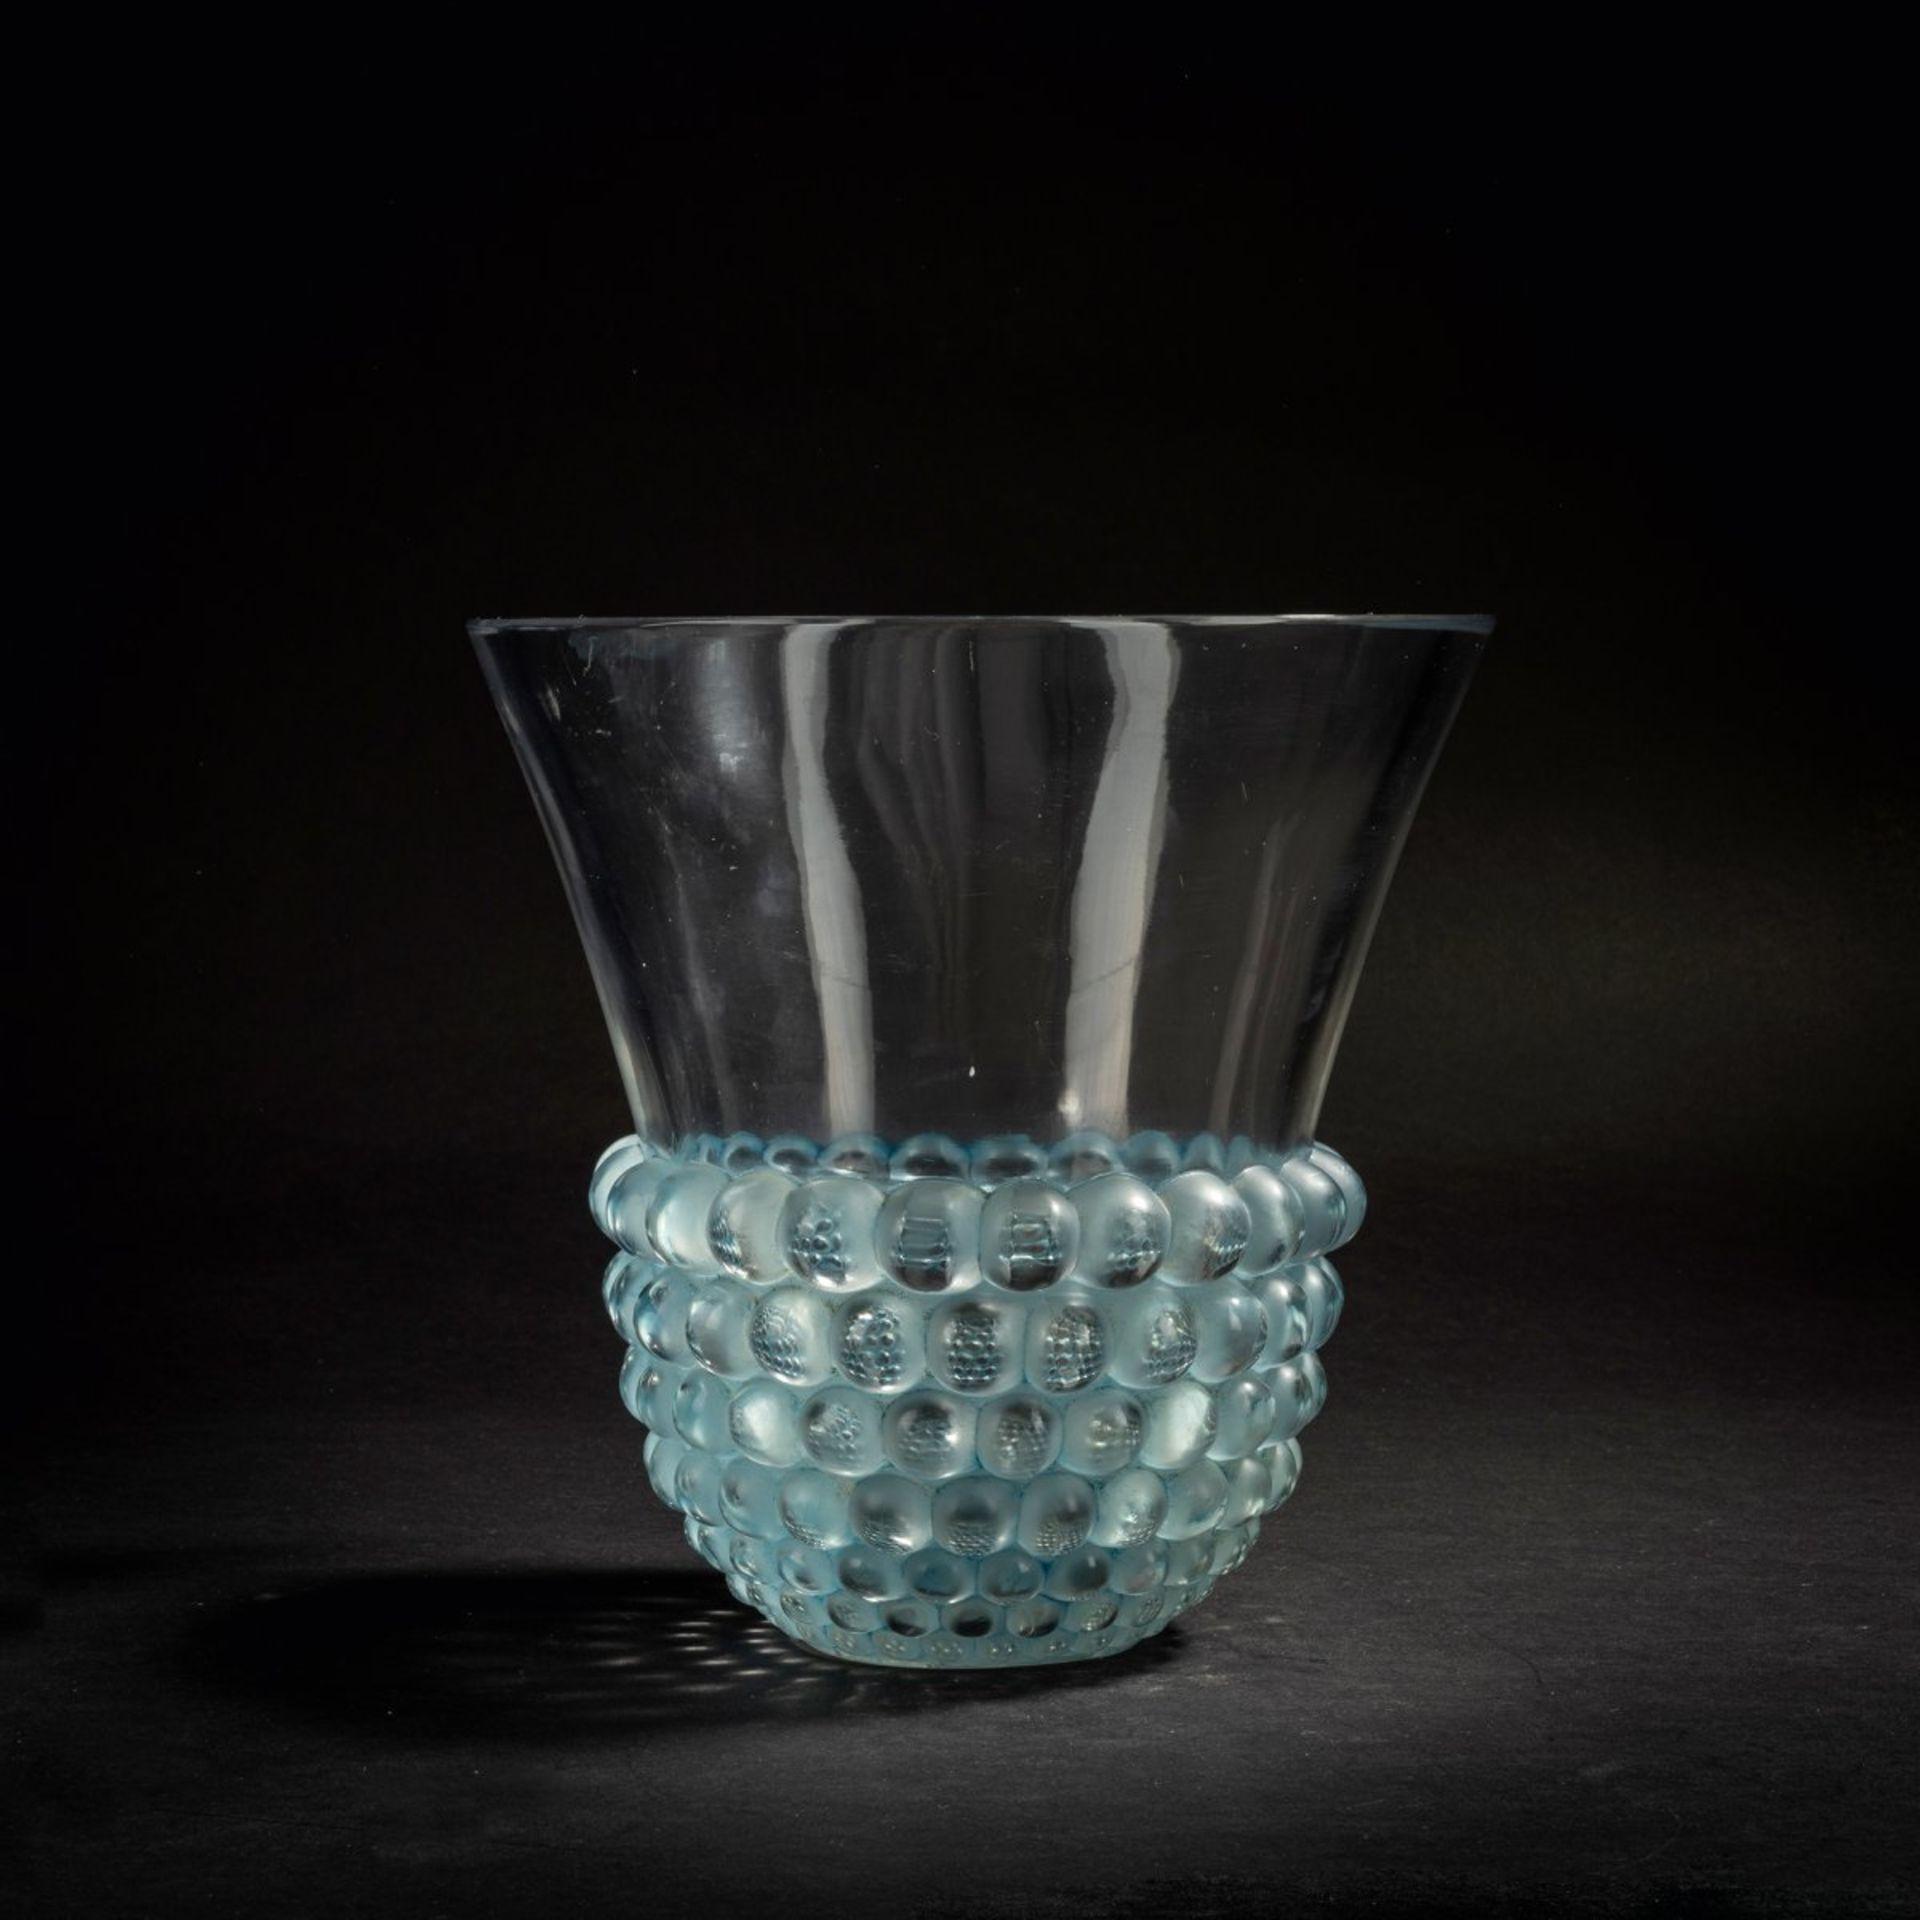 René Lalique, Vase 'Graines', 1930